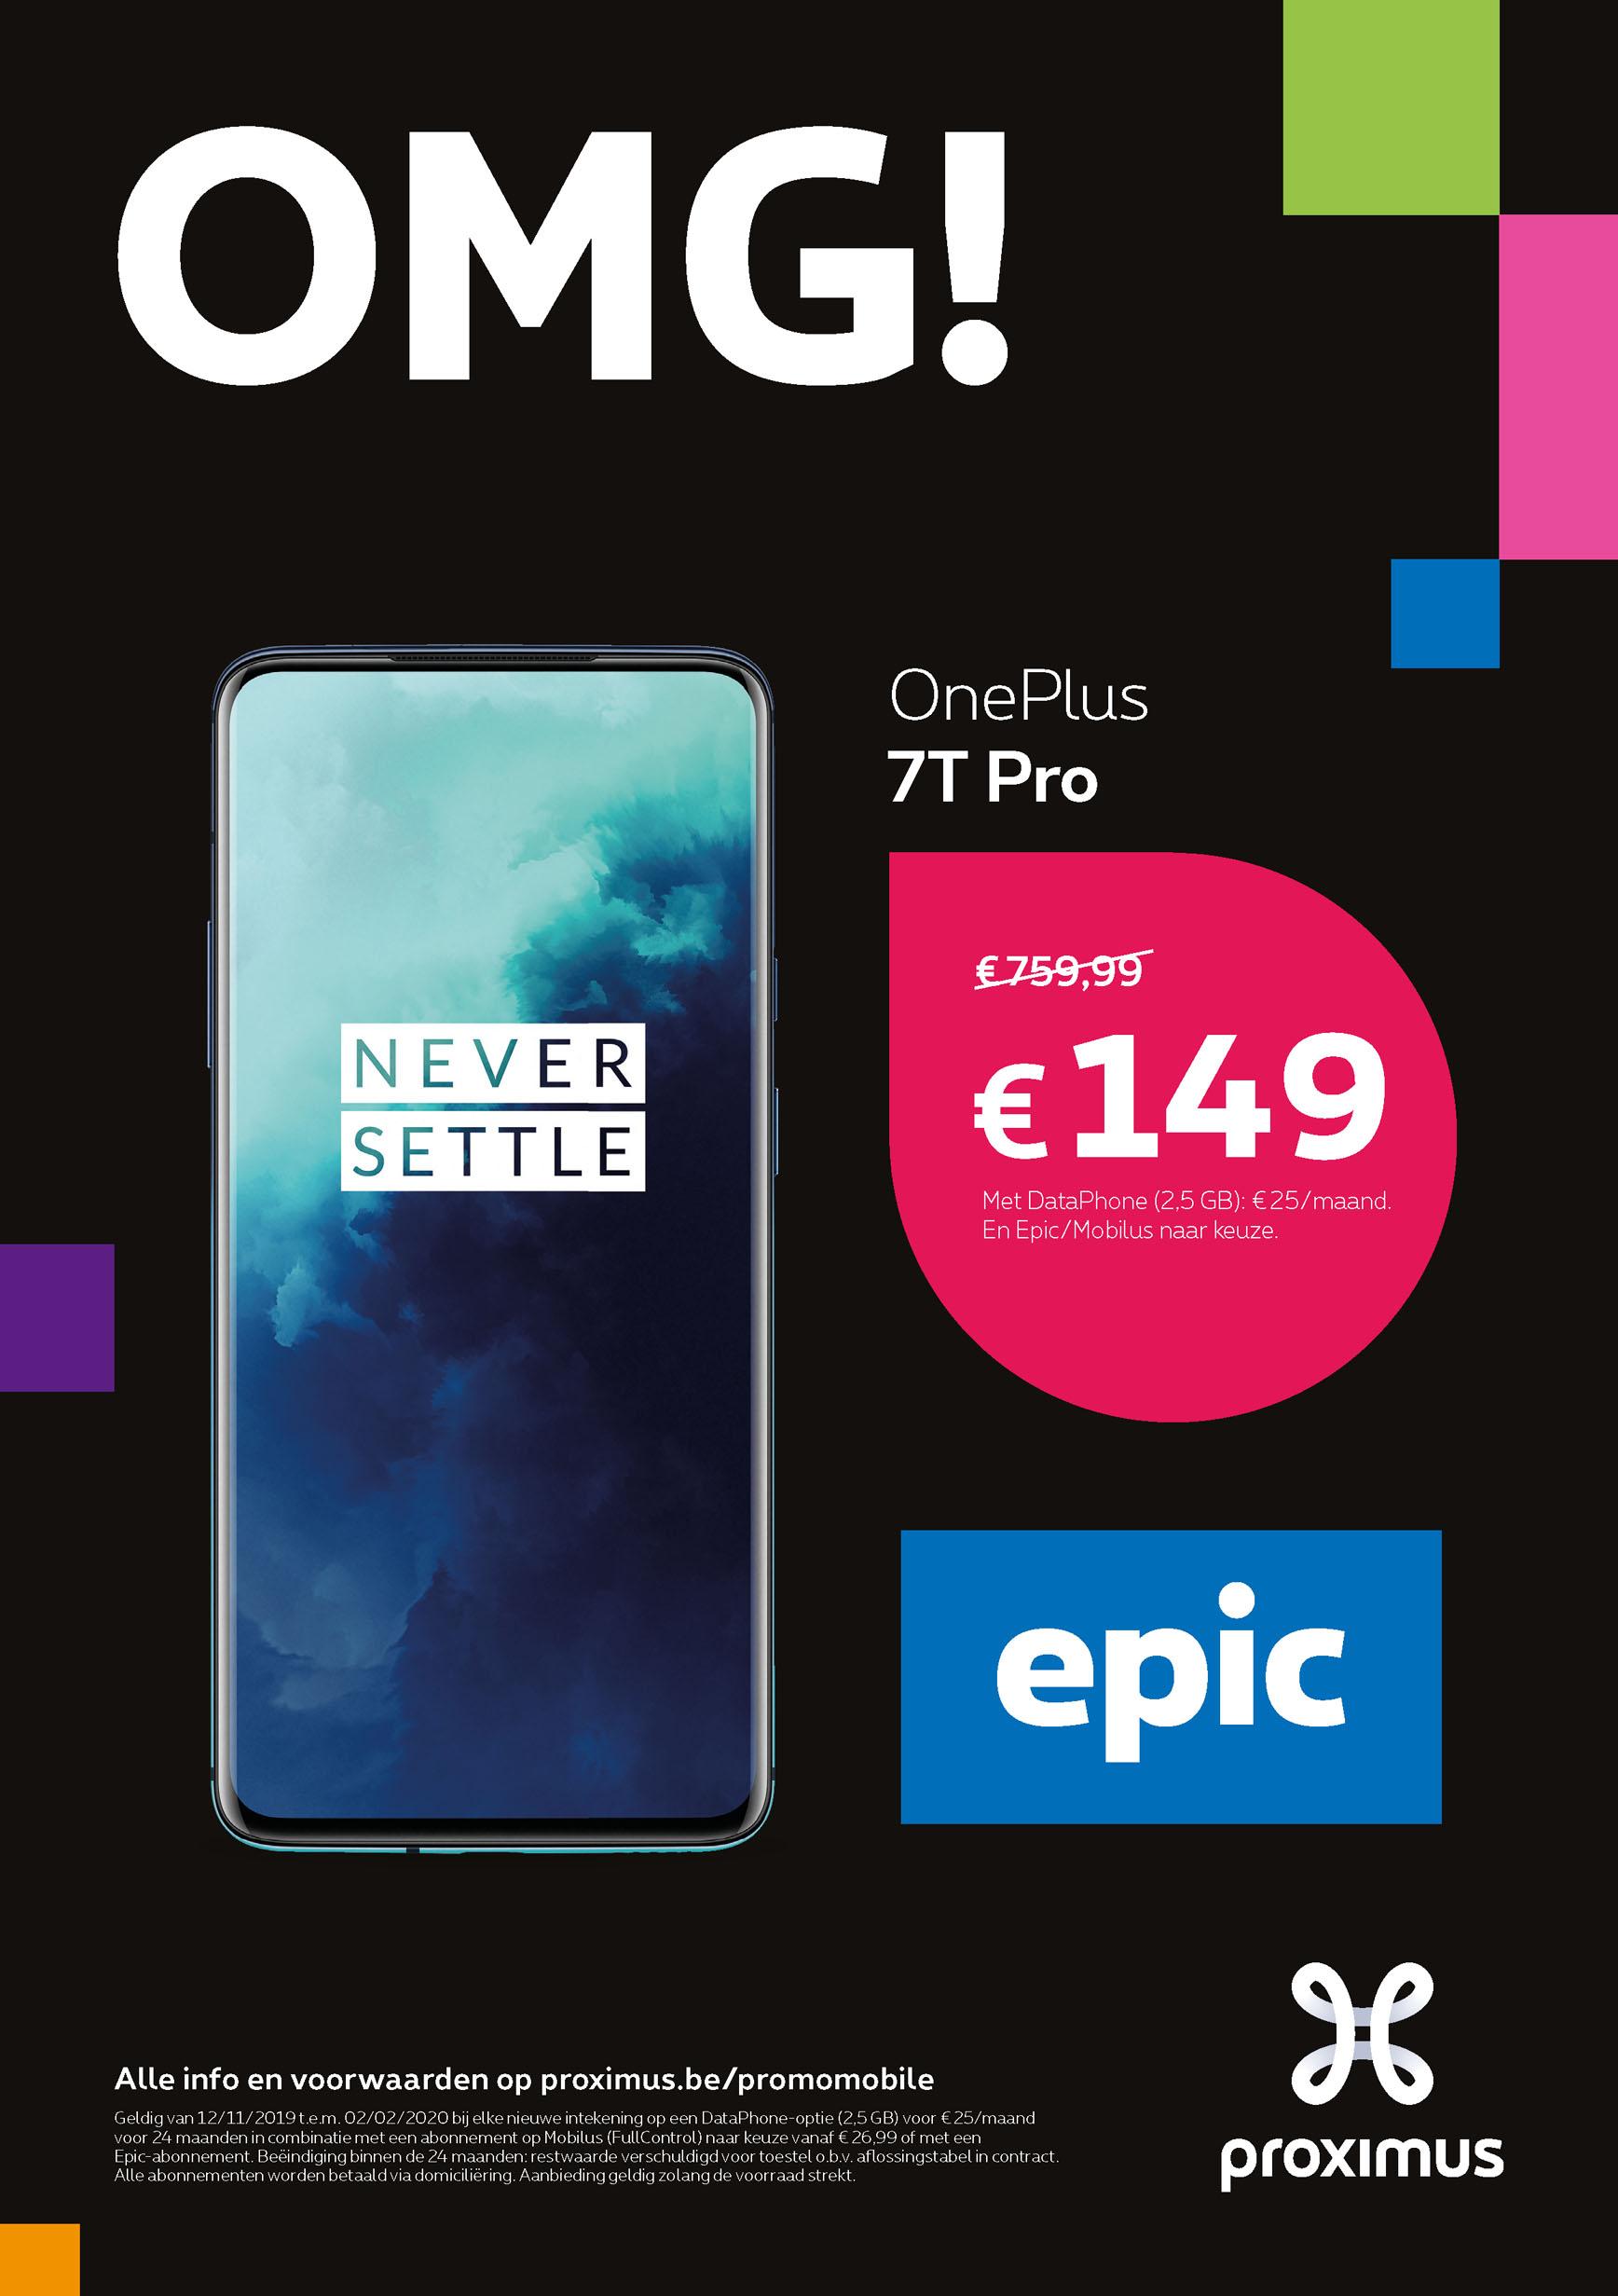 Promotions_JO_JO_EPIC_OnePlus_7T_Pro_201